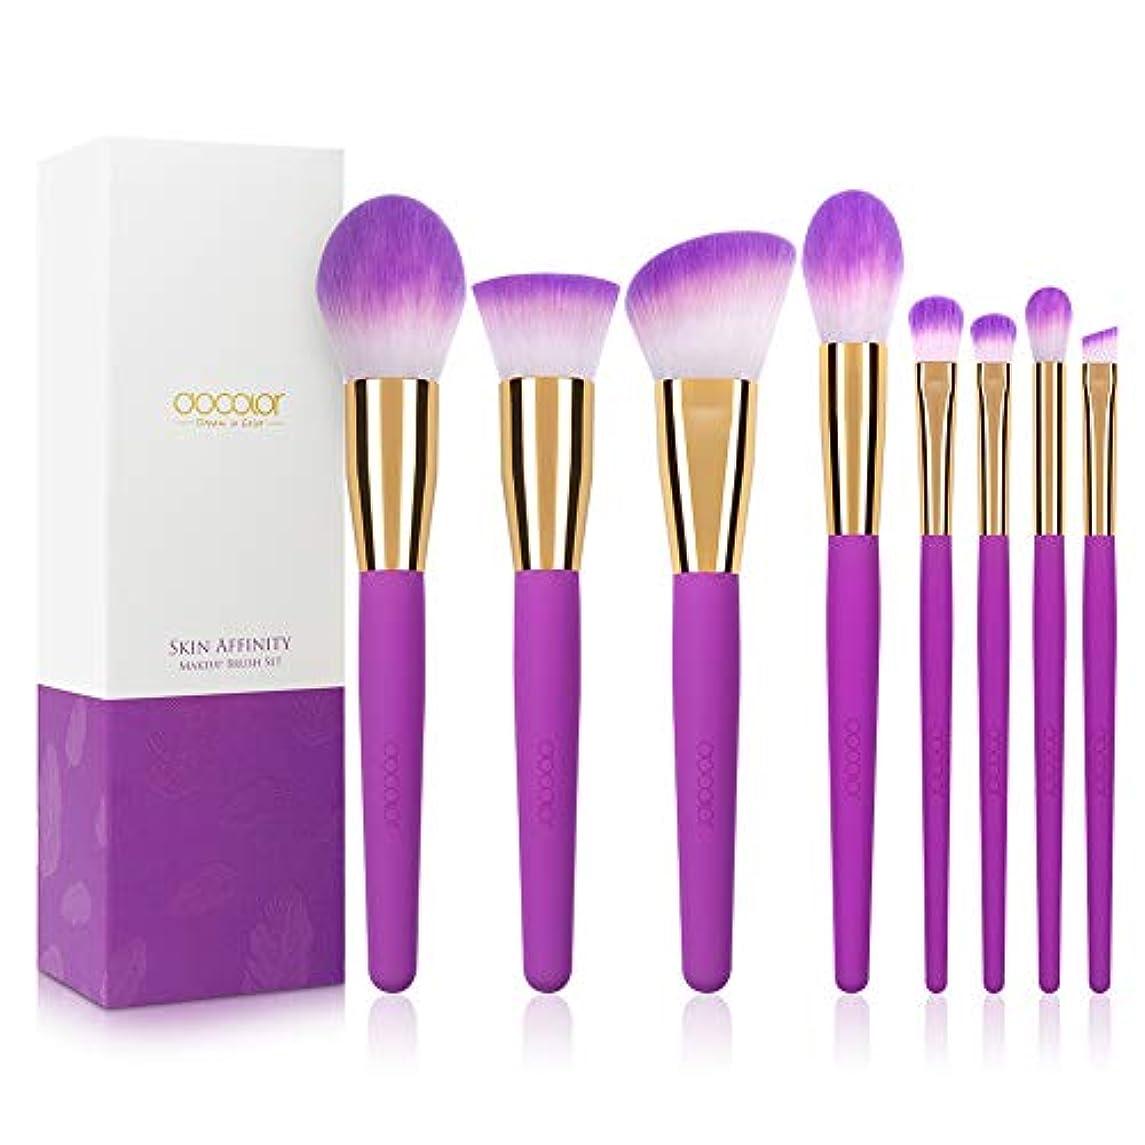 隠されたお願いしますミケランジェロDocolor ドゥカラー 化粧筆セット 人気 8本 高級タクロン メイクブラシセット メイクアップブラシ 可愛い 化粧ブラシ 柔らかい 収納ケース付き (8本)